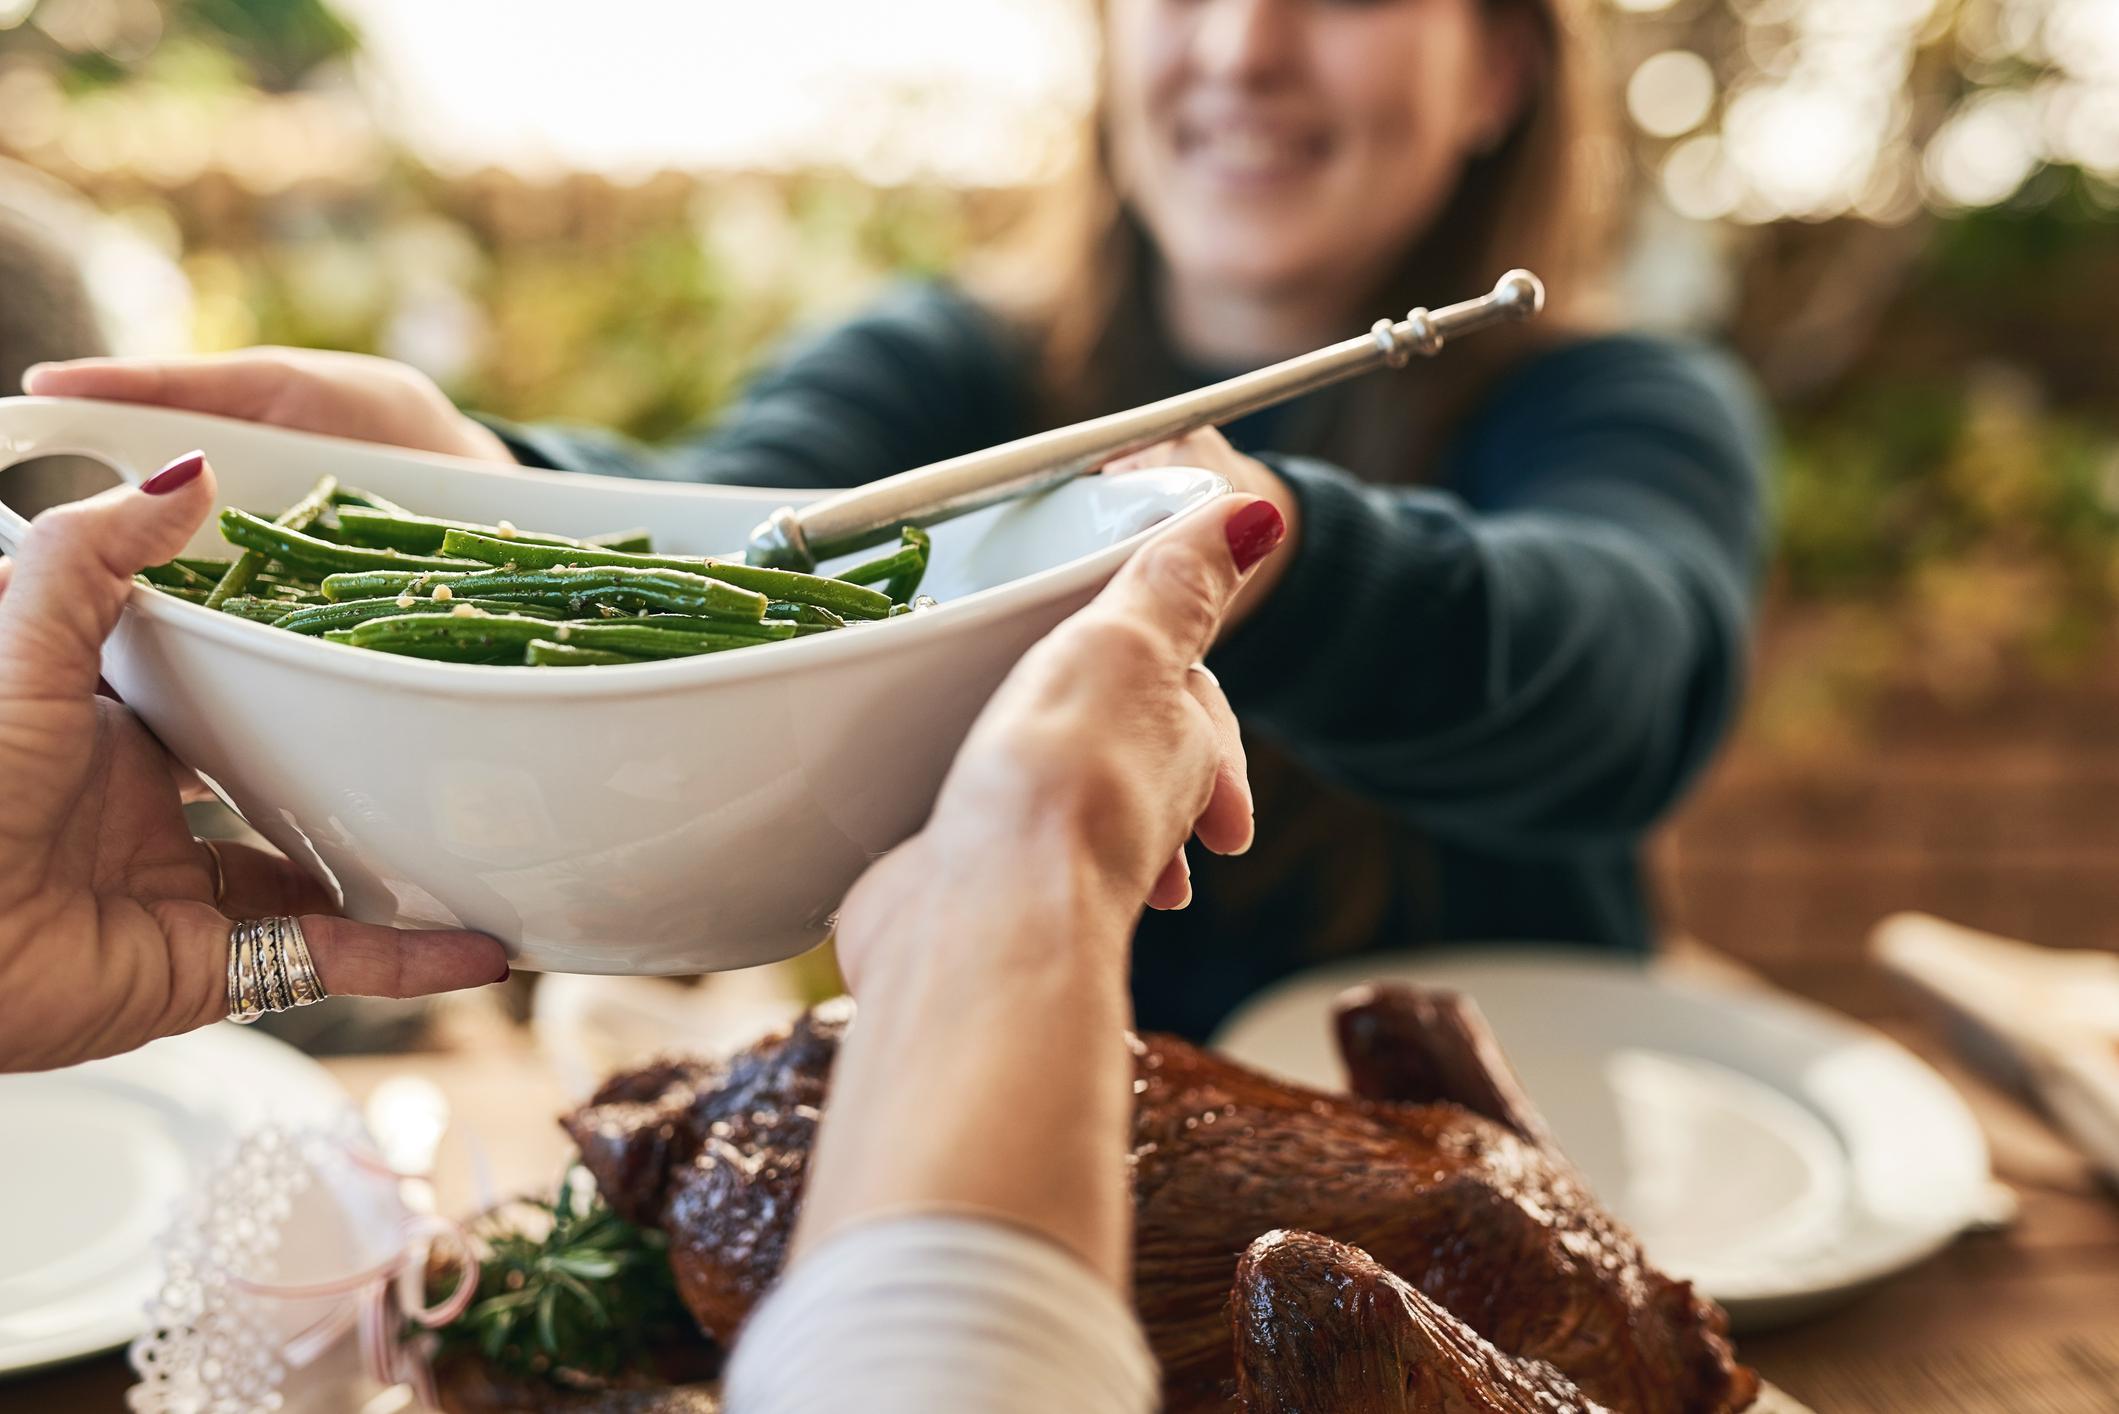 Osim što su dobre za muško zdravlje, mahunarke se preporučuju i u trudnoći.